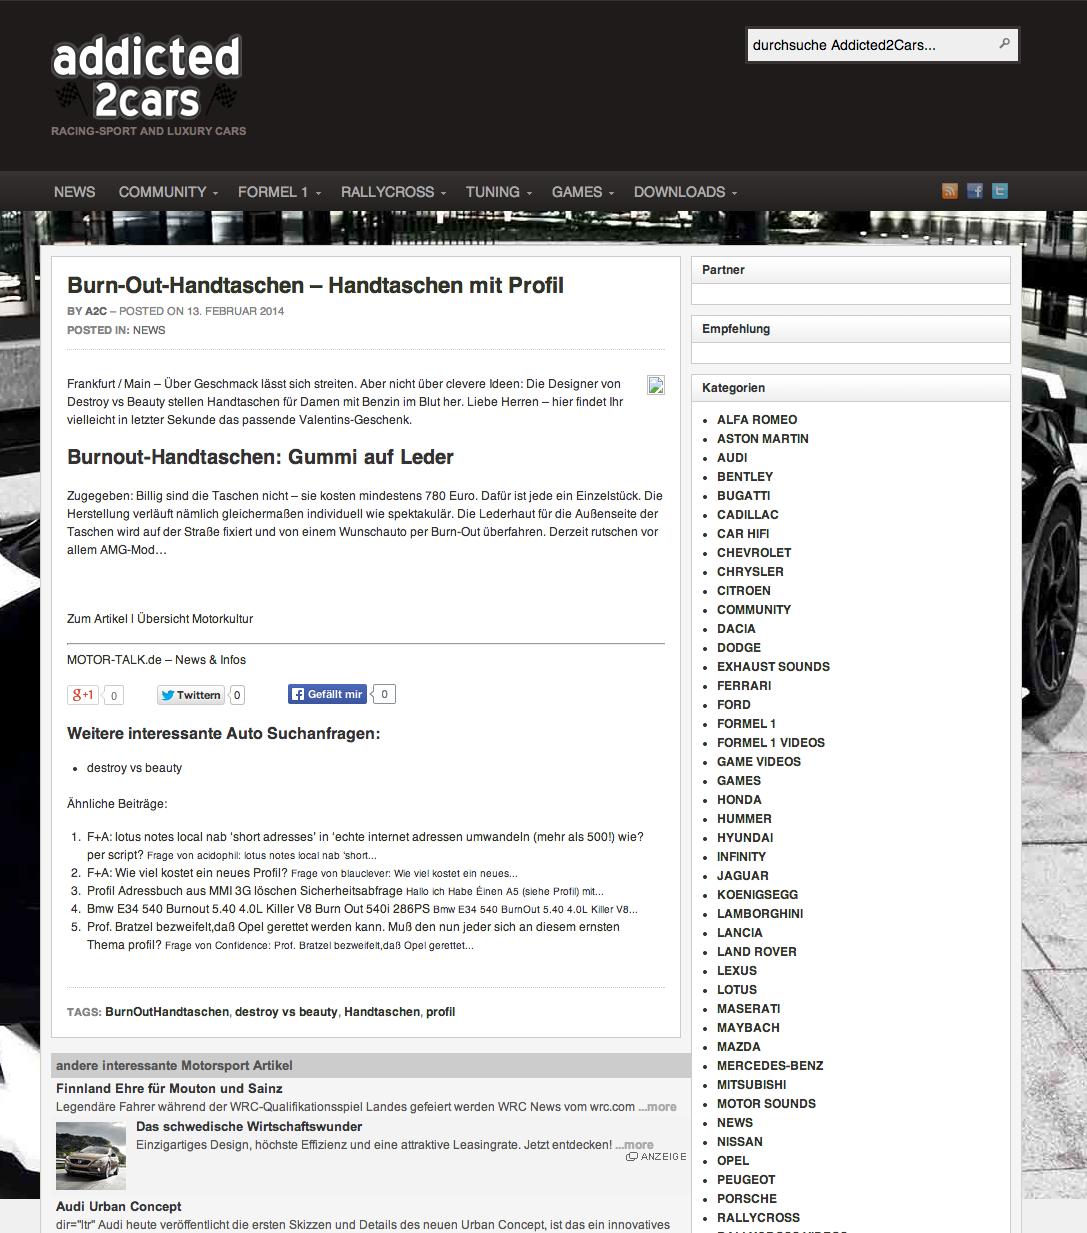 Bildschirmfoto 2014-02-15 um 07.33.21.png